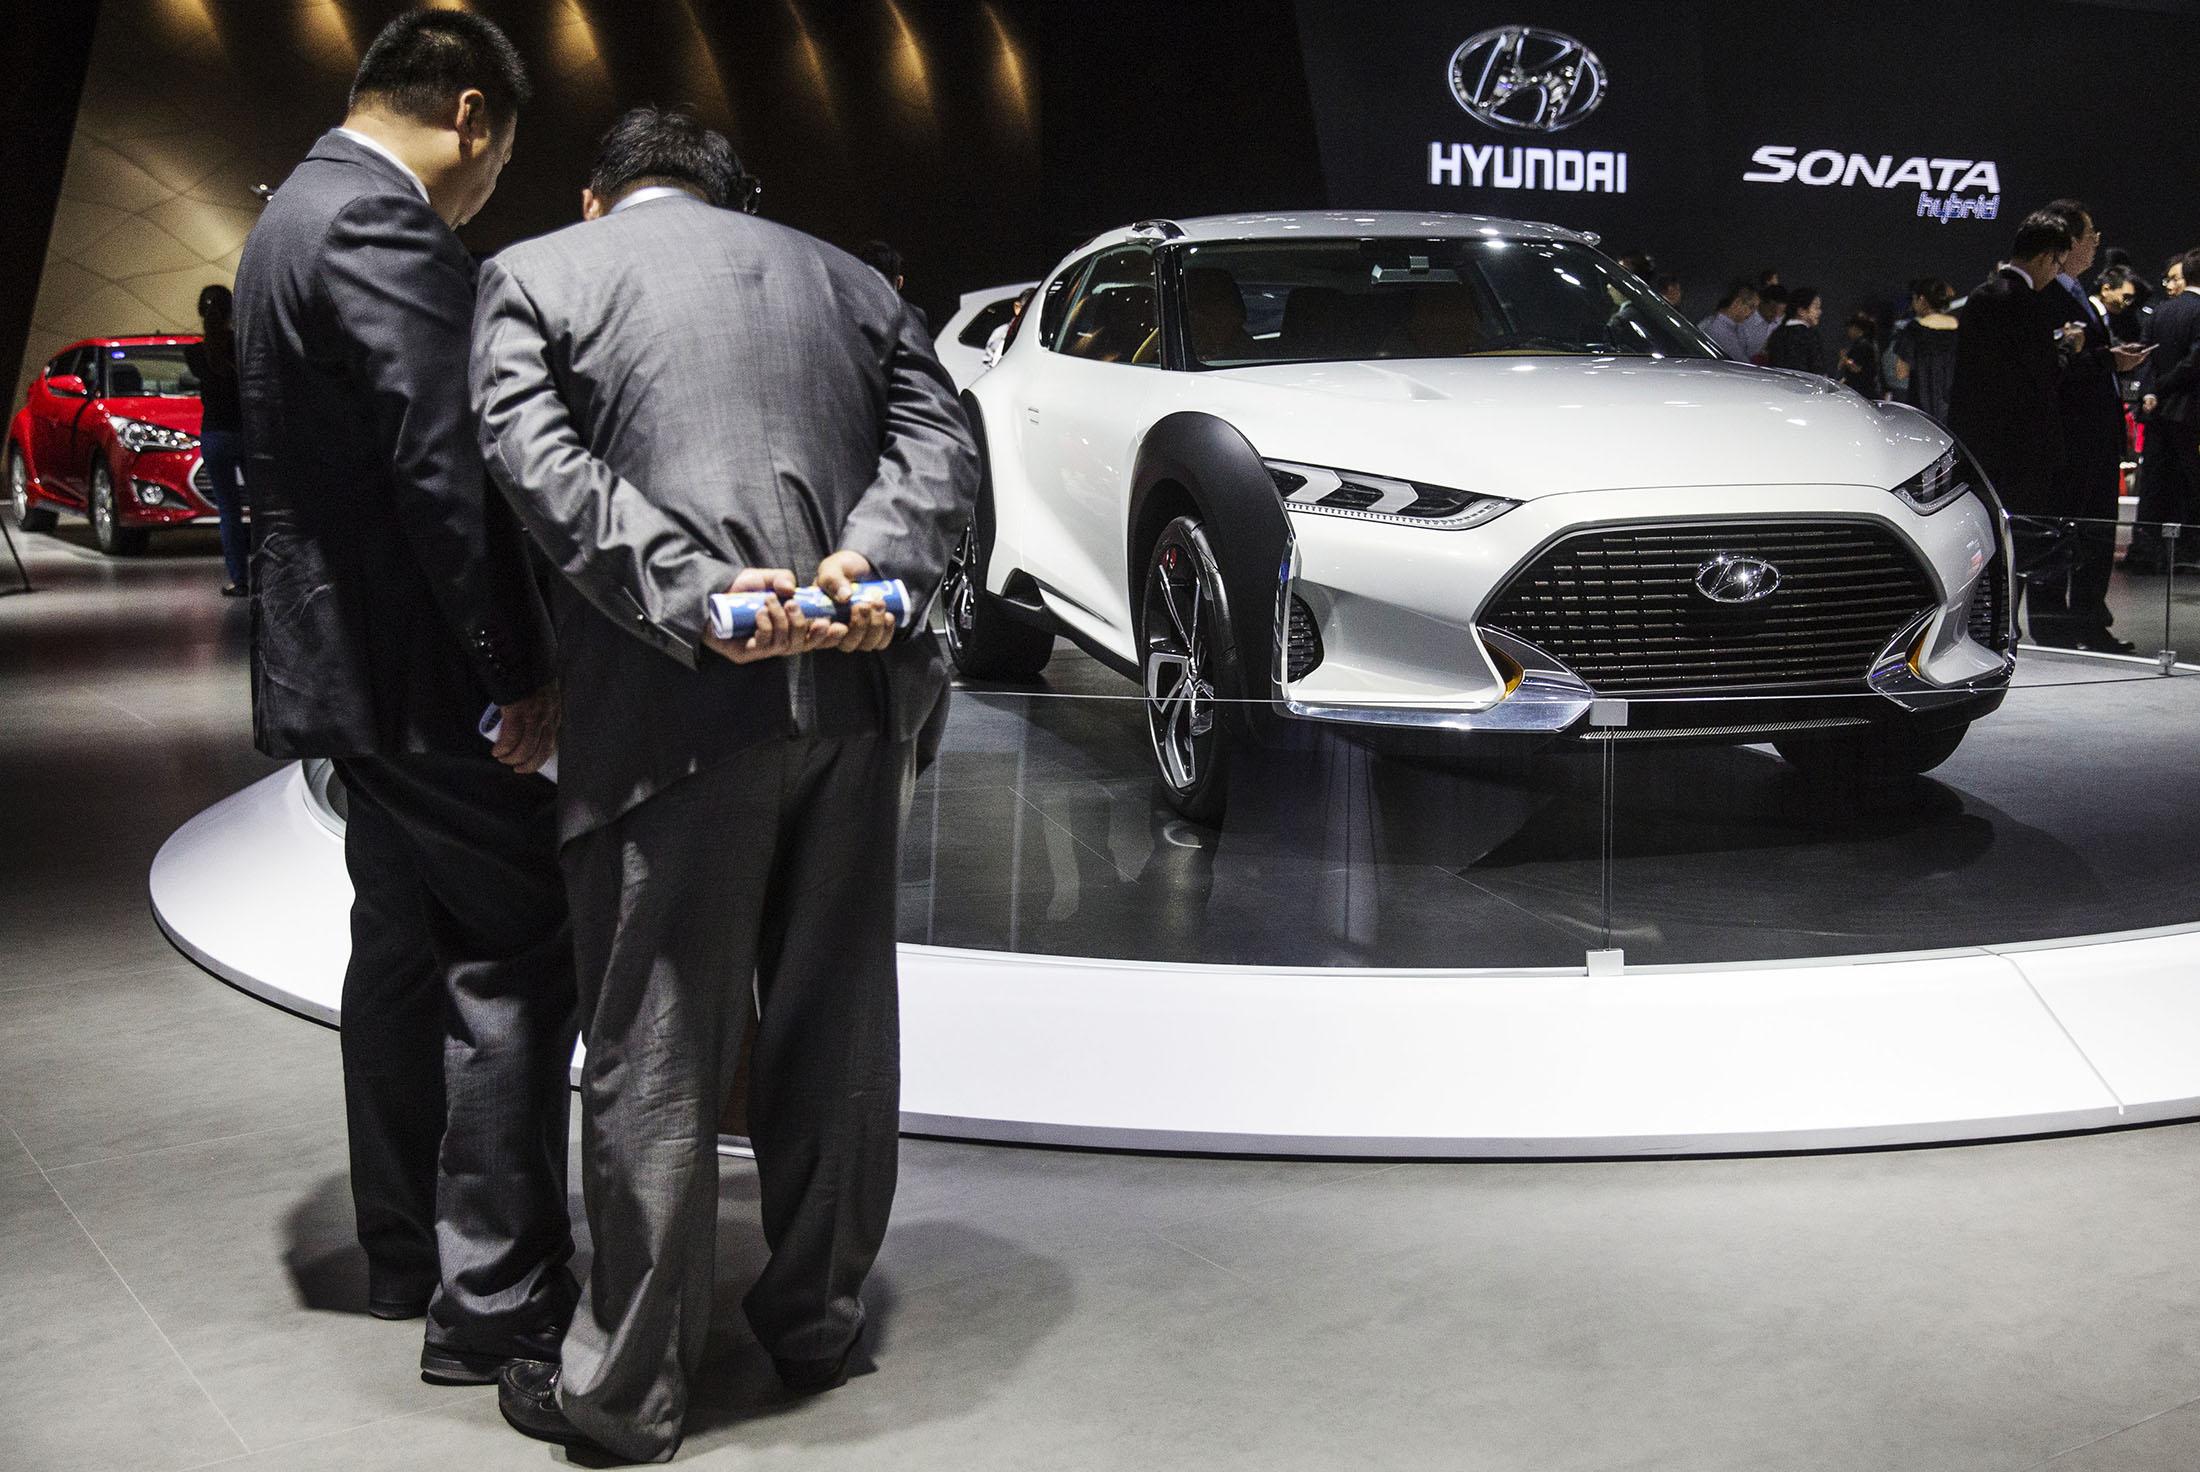 Hyundai motor company yahoo finance - Hyundai Motor Company Yahoo Finance 6